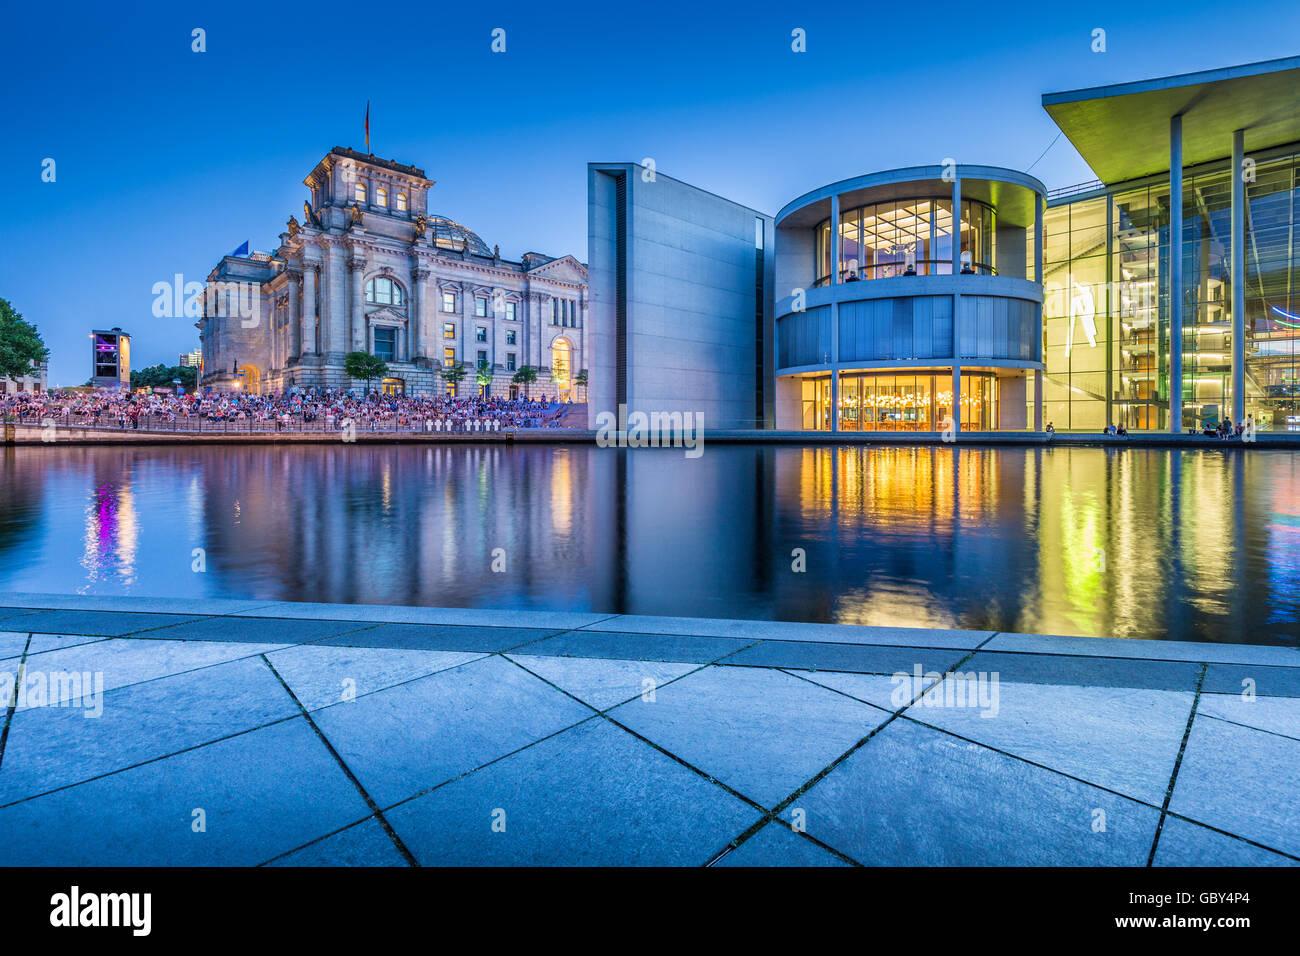 La vue classique du quartier du gouvernement de Berlin moderne avec le célèbre palais du Reichstag et Photo Stock